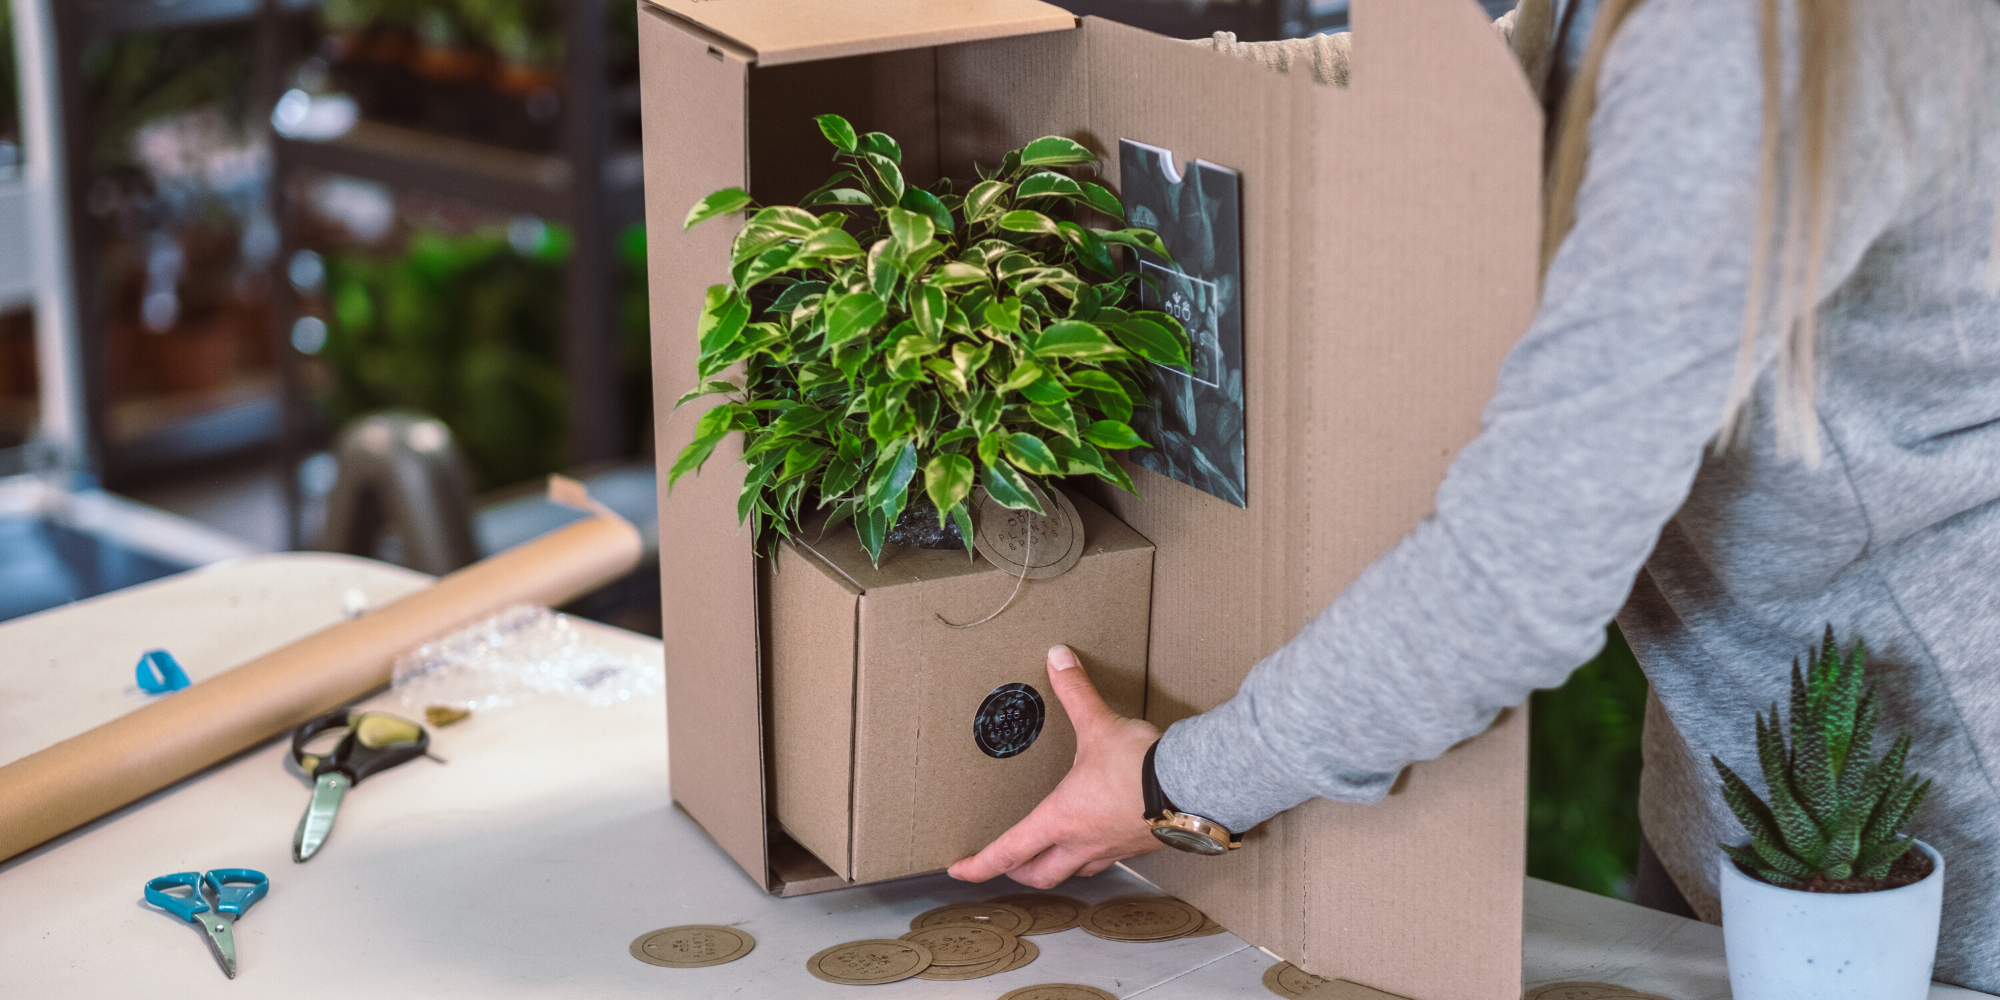 Jak wysyłamy rośliny?